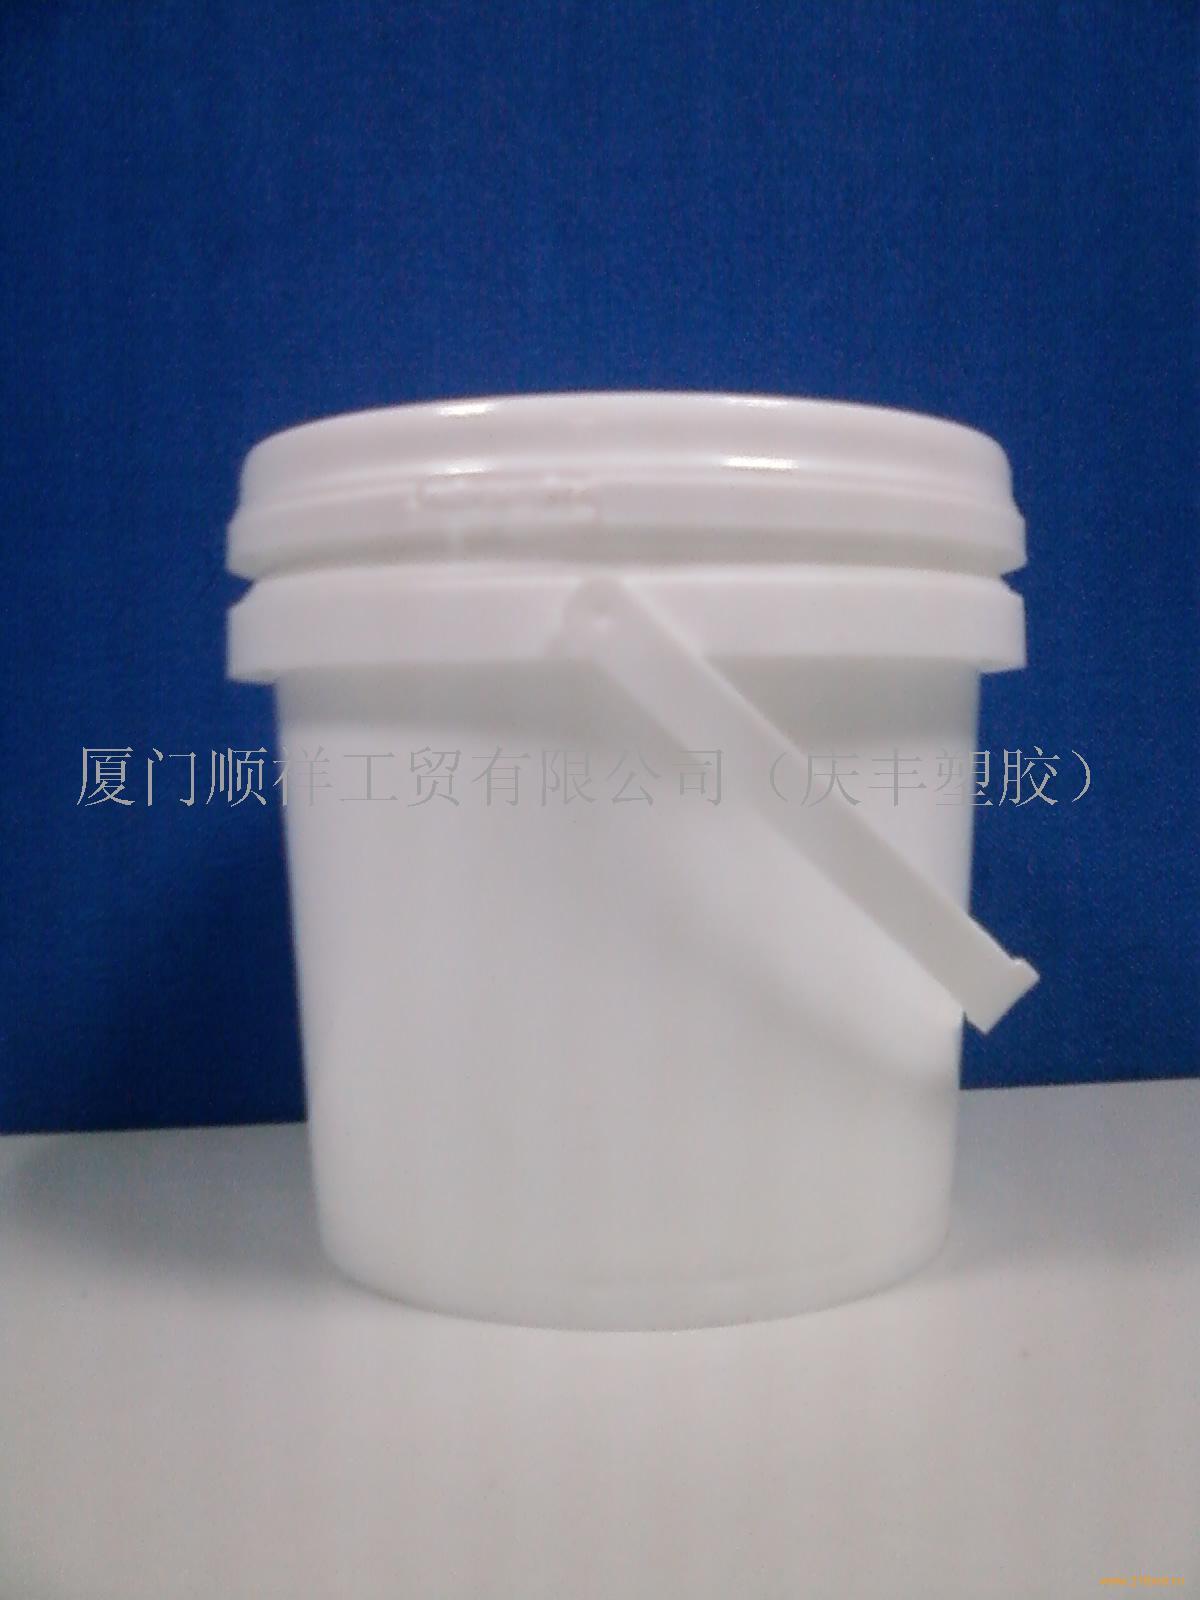 塑料桶_厦门__塑料类-食品商务网